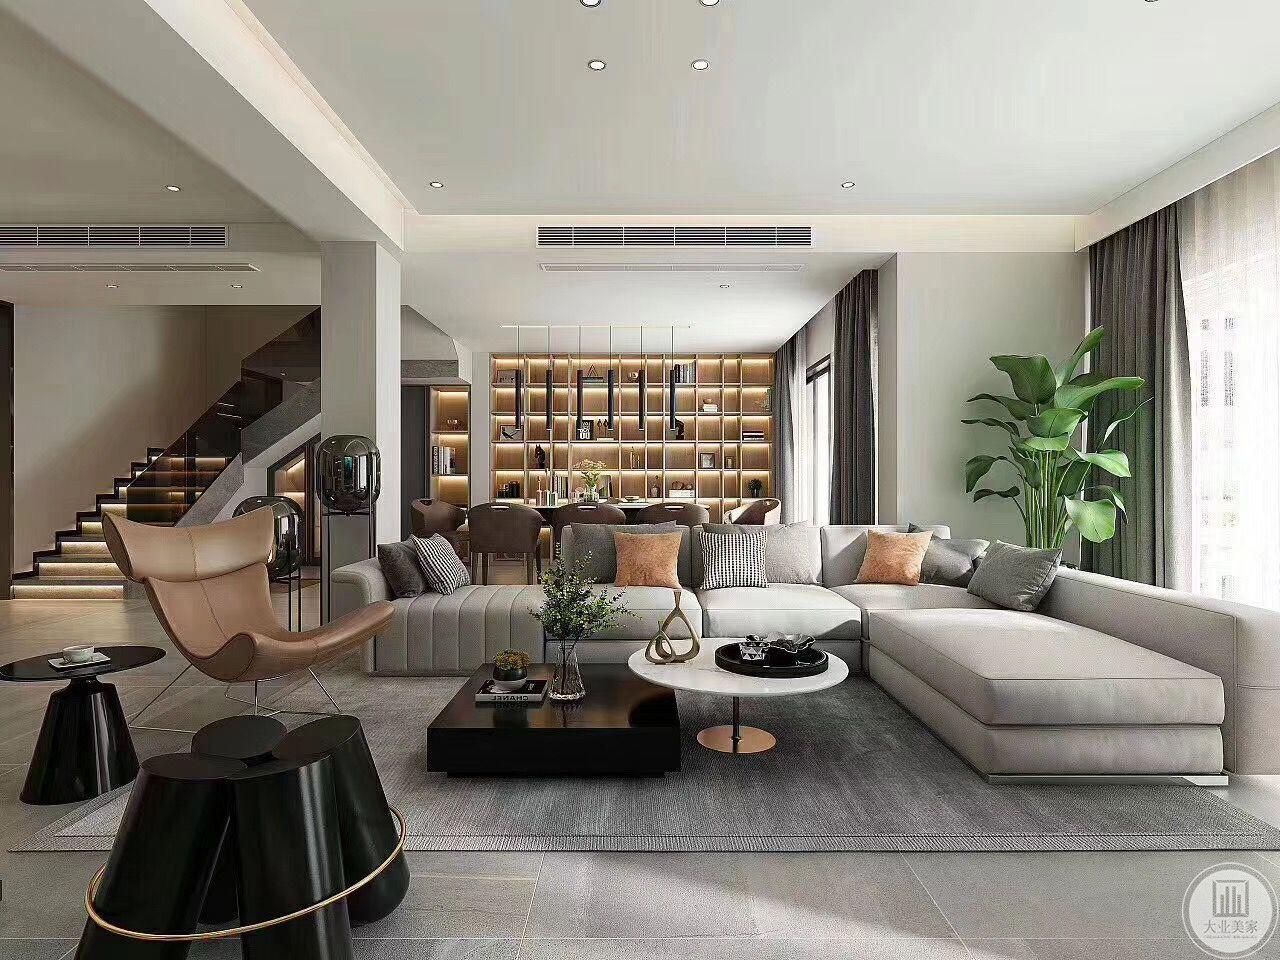 本案会客厅是男主人约谈客户的地方,整体感觉更加商务,设置了椅子,沙发,及异形凳子,以方便不同客人的喜好。